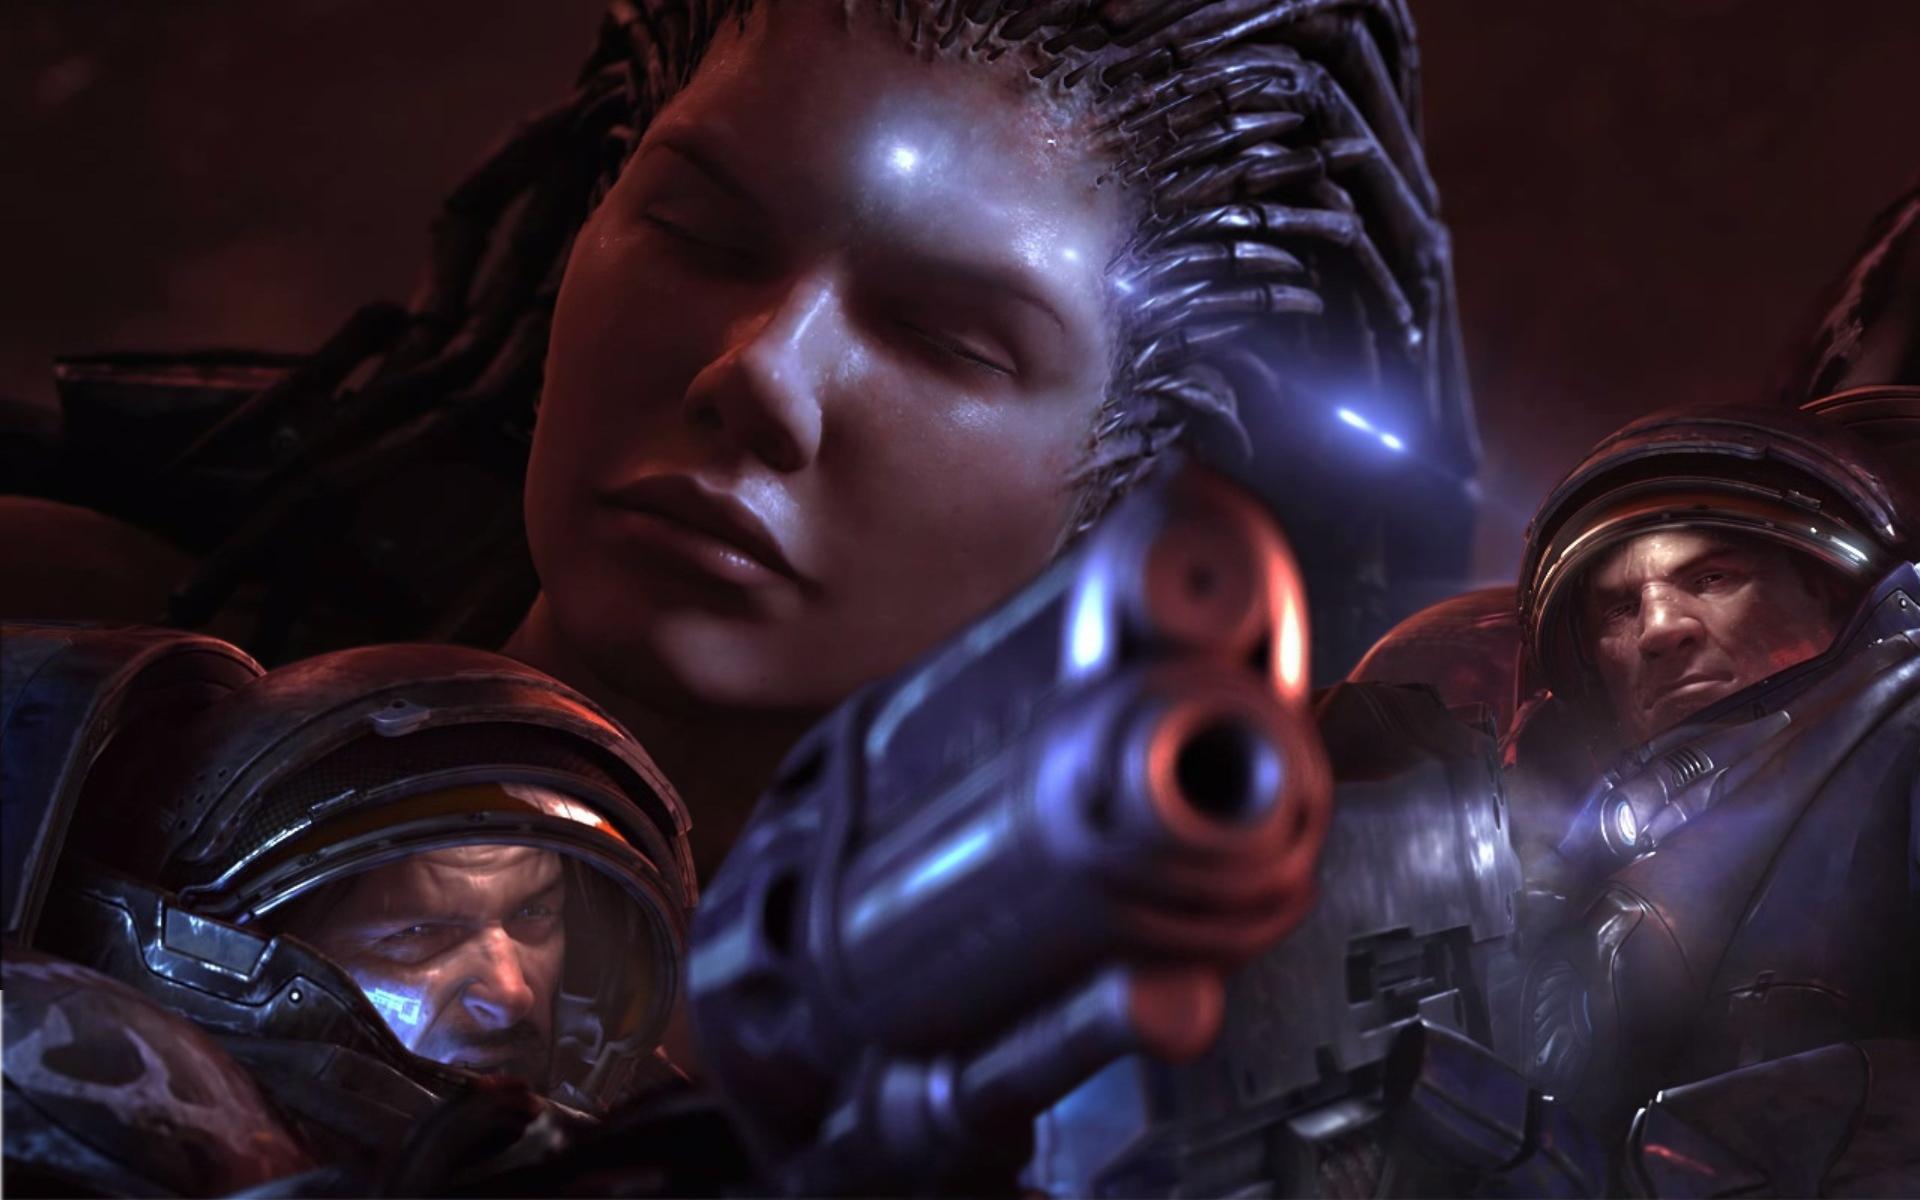 Sarah Kerrigan Queen Of Blades Starcraft Ii Hd Wallpaper Games Picture